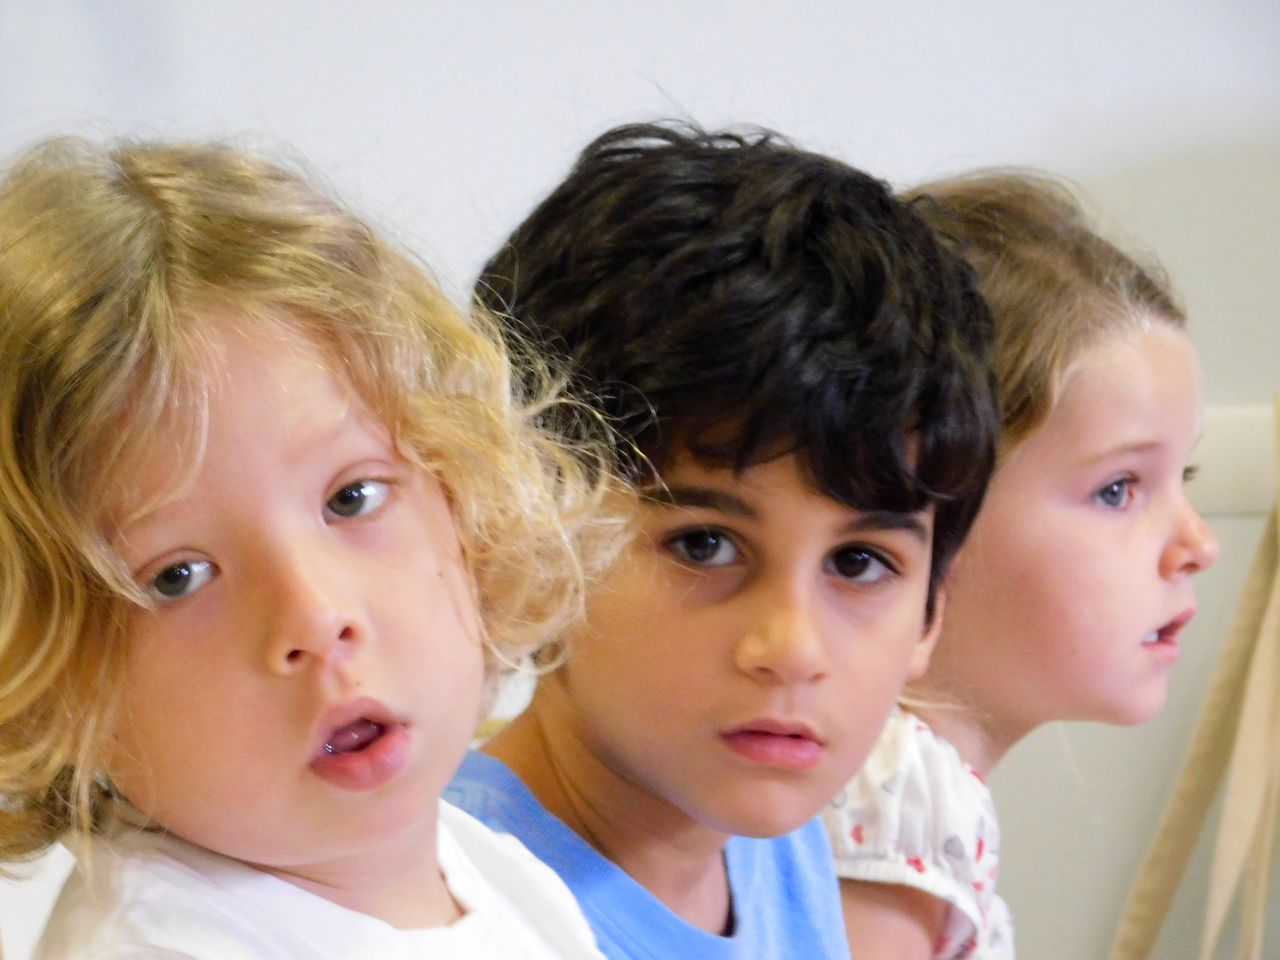 Le Petit Prince : école franco-américaine près de Boca Raton et Fort Lauderdale, en Floride